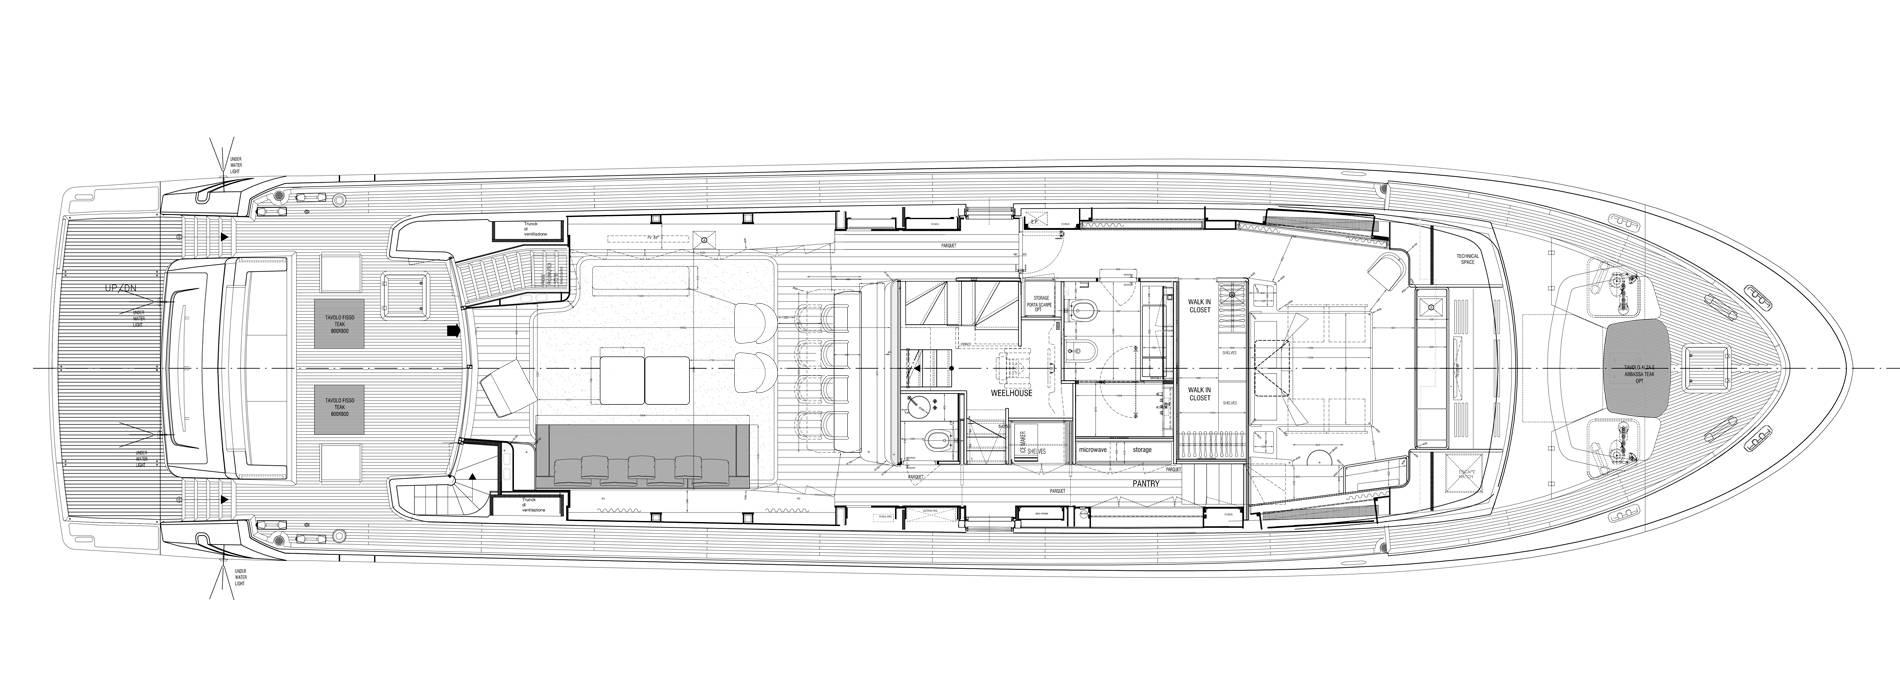 Sanlorenzo Yachts SL96-635 under offer Main deck